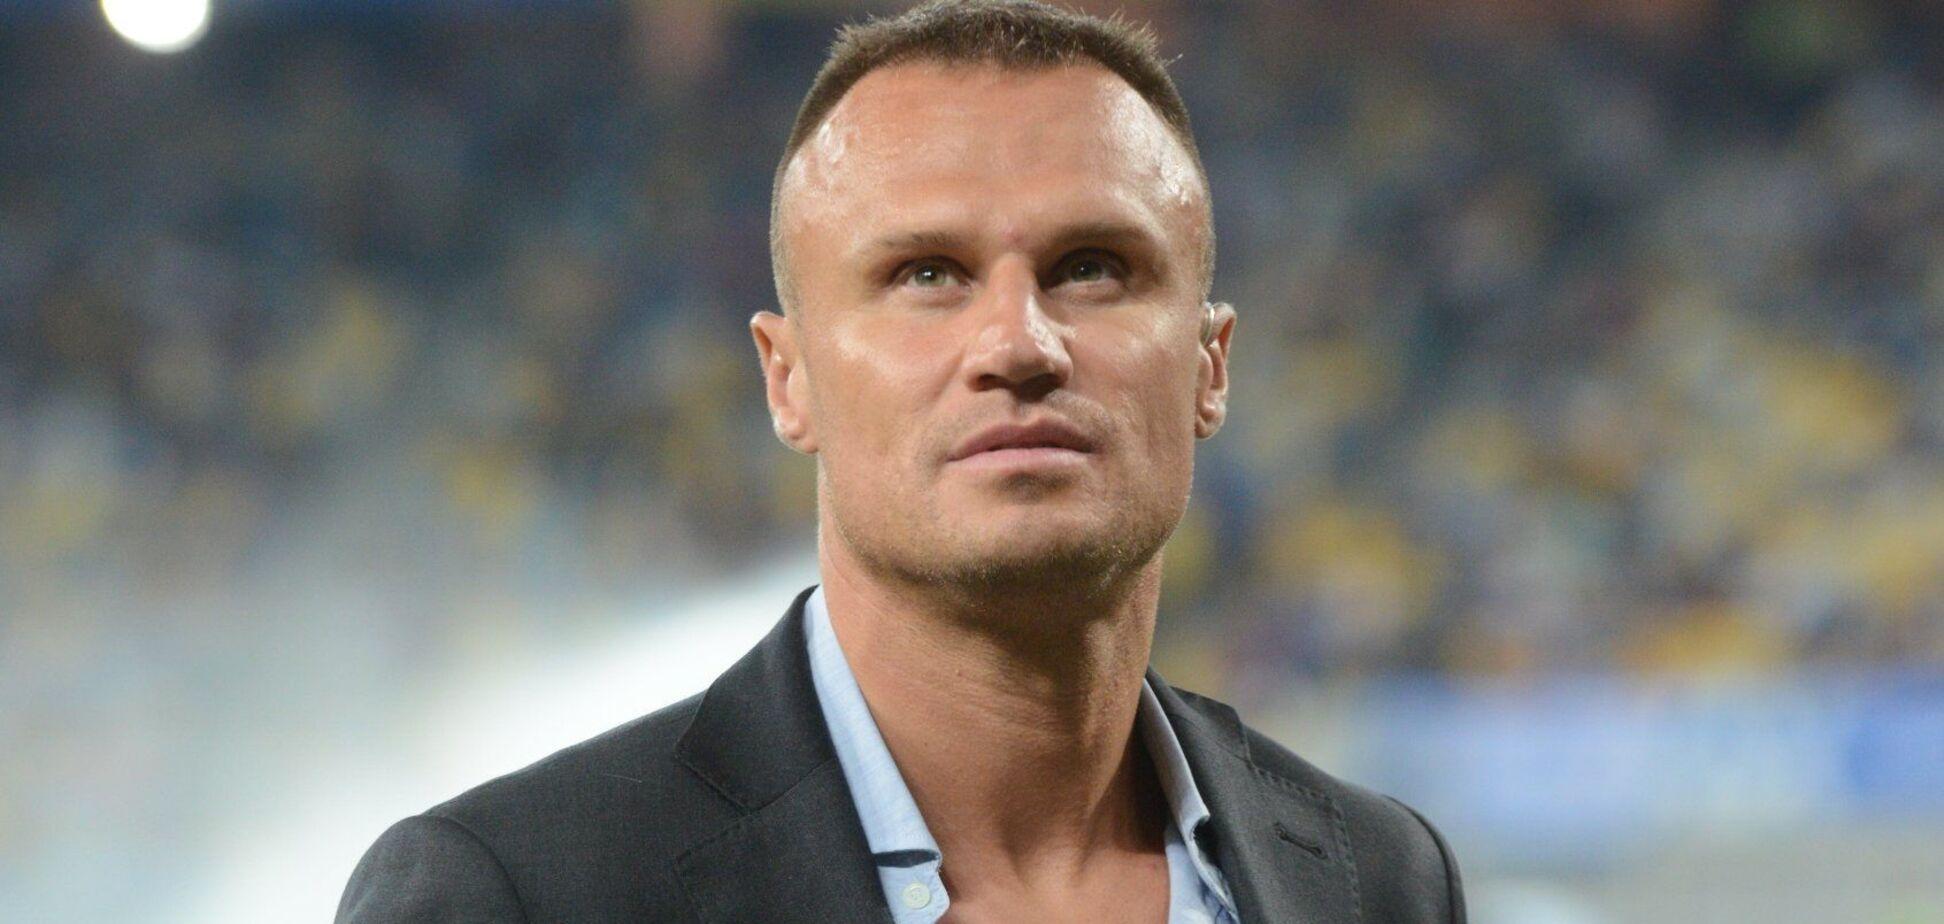 Экс-футболист Шевчук записал обращение после задержания в Киеве